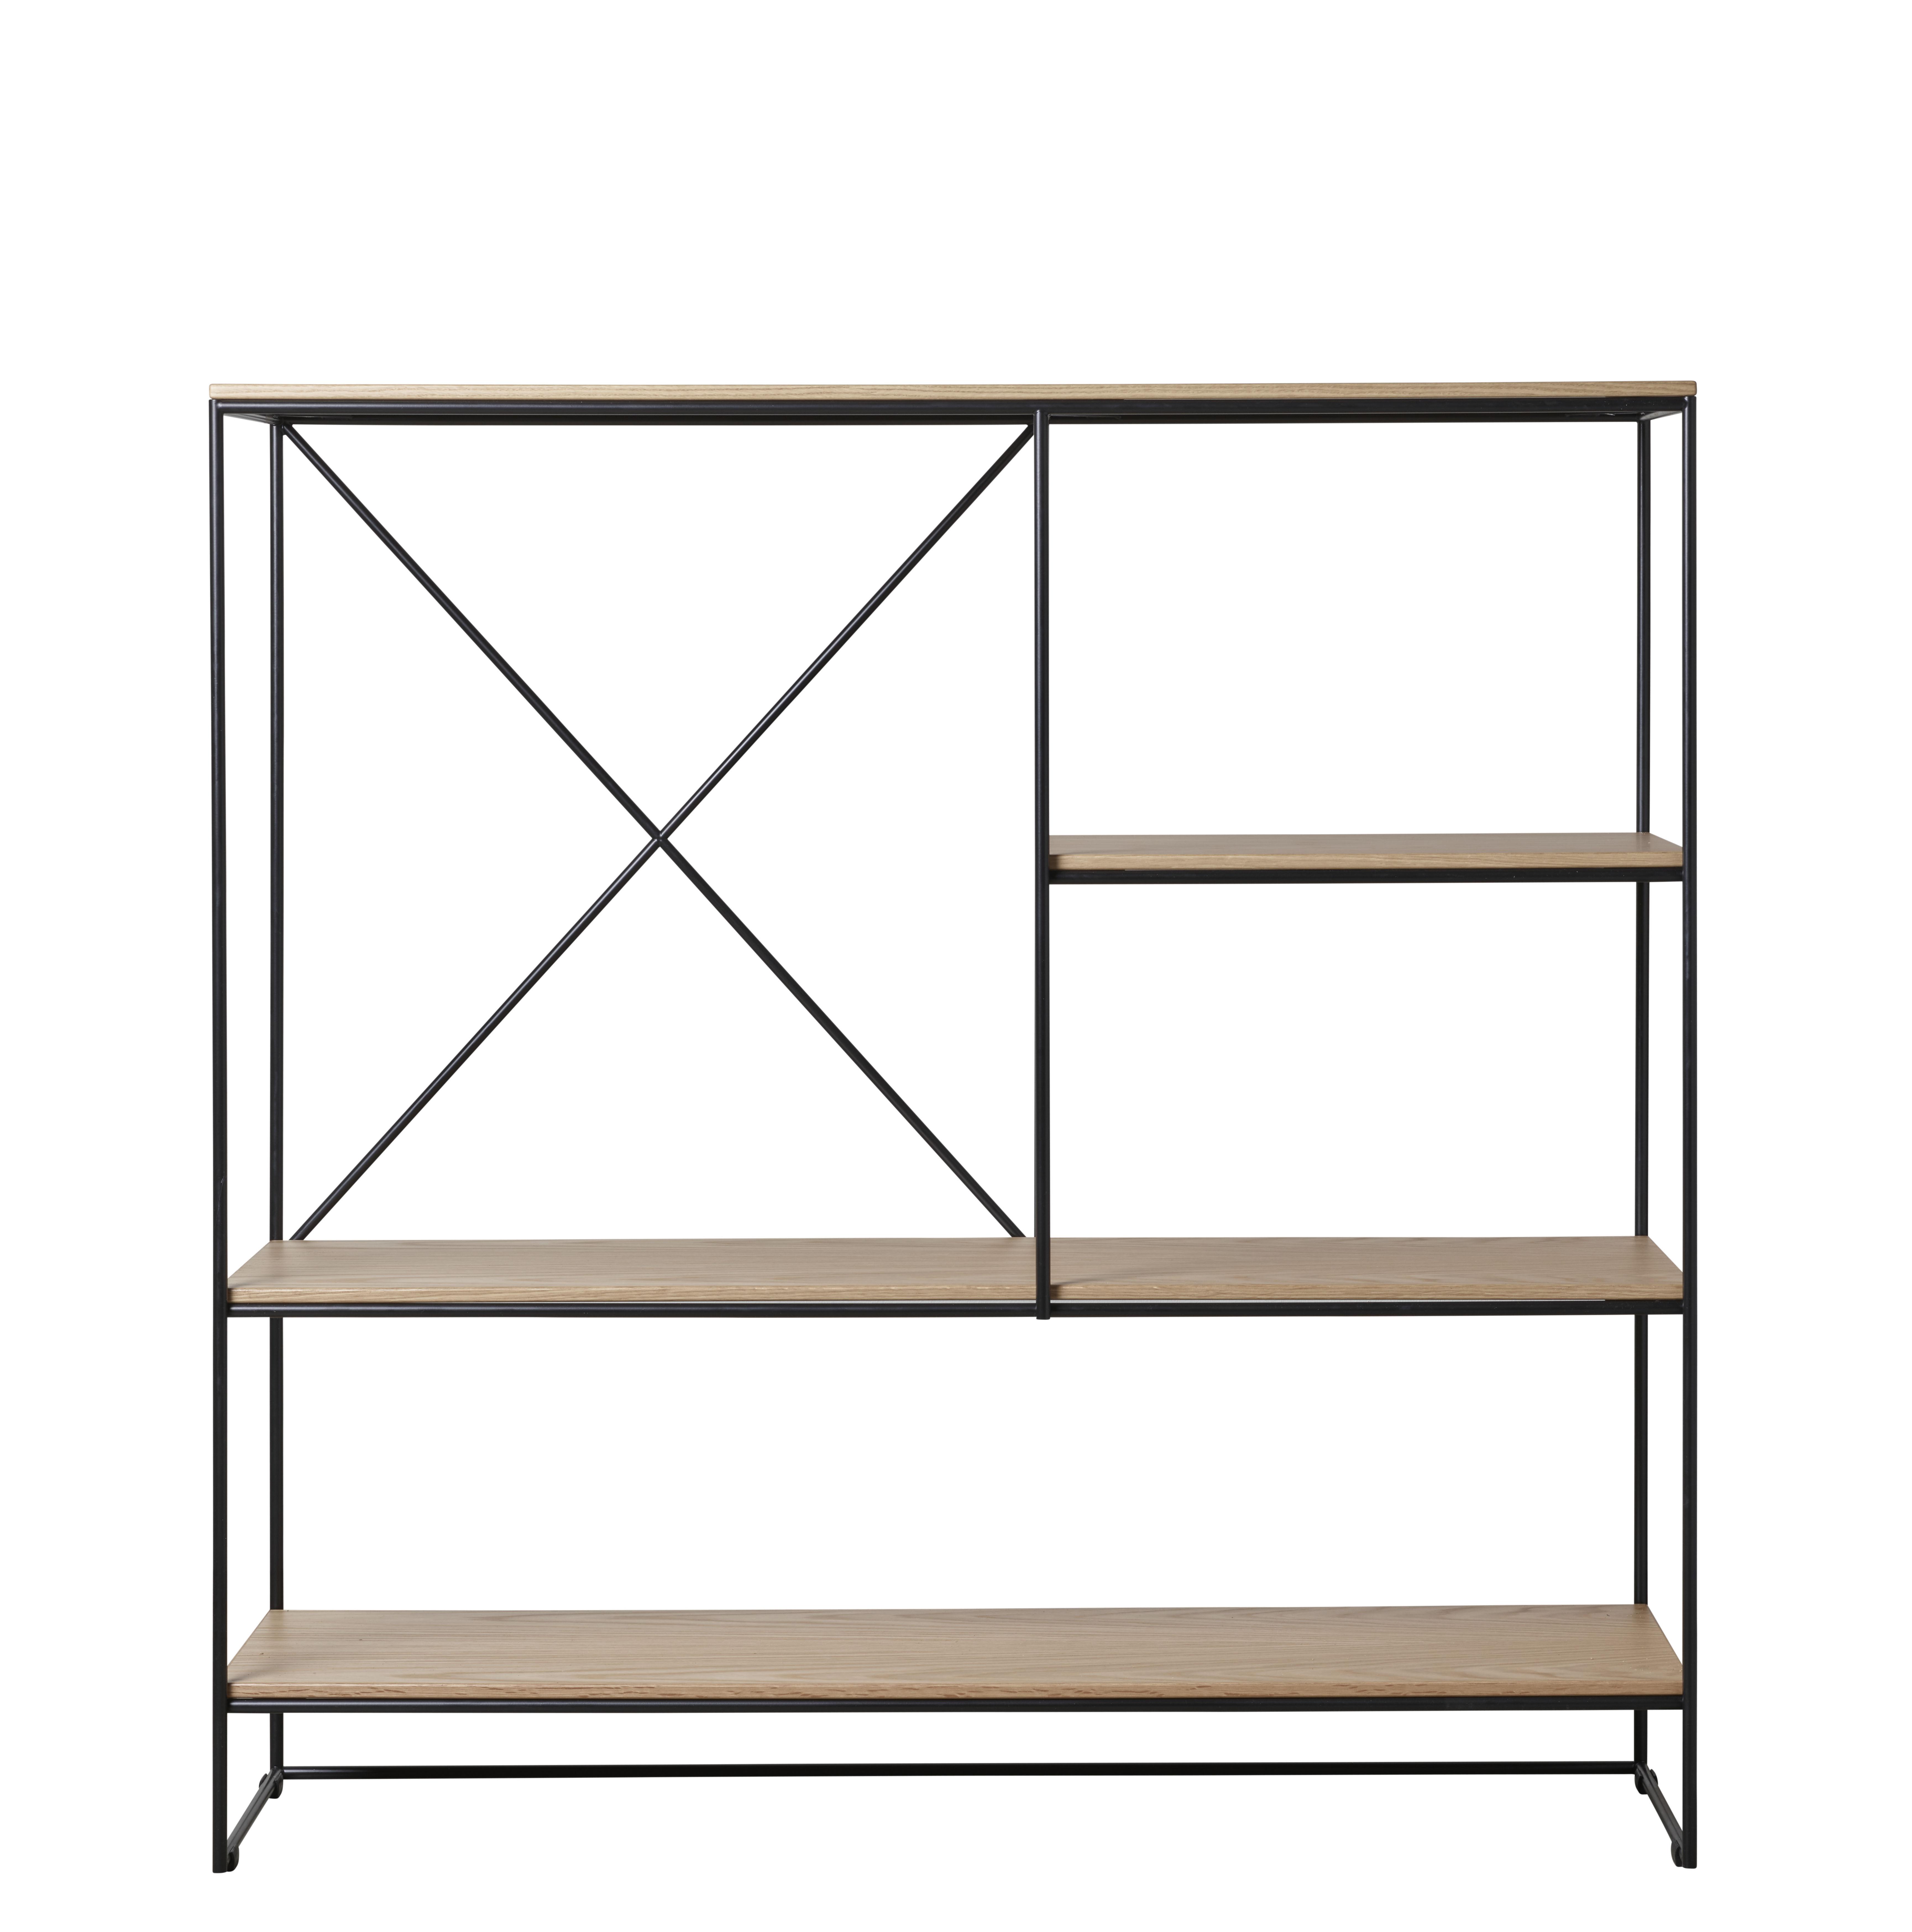 Möbel - Regale und Bücherregale - Planner Medium Regal / MC510 - L 121 x H 123 cm - Fritz Hansen - Eiche / Schwarz - Beschichteter Stahl, massive Eiche